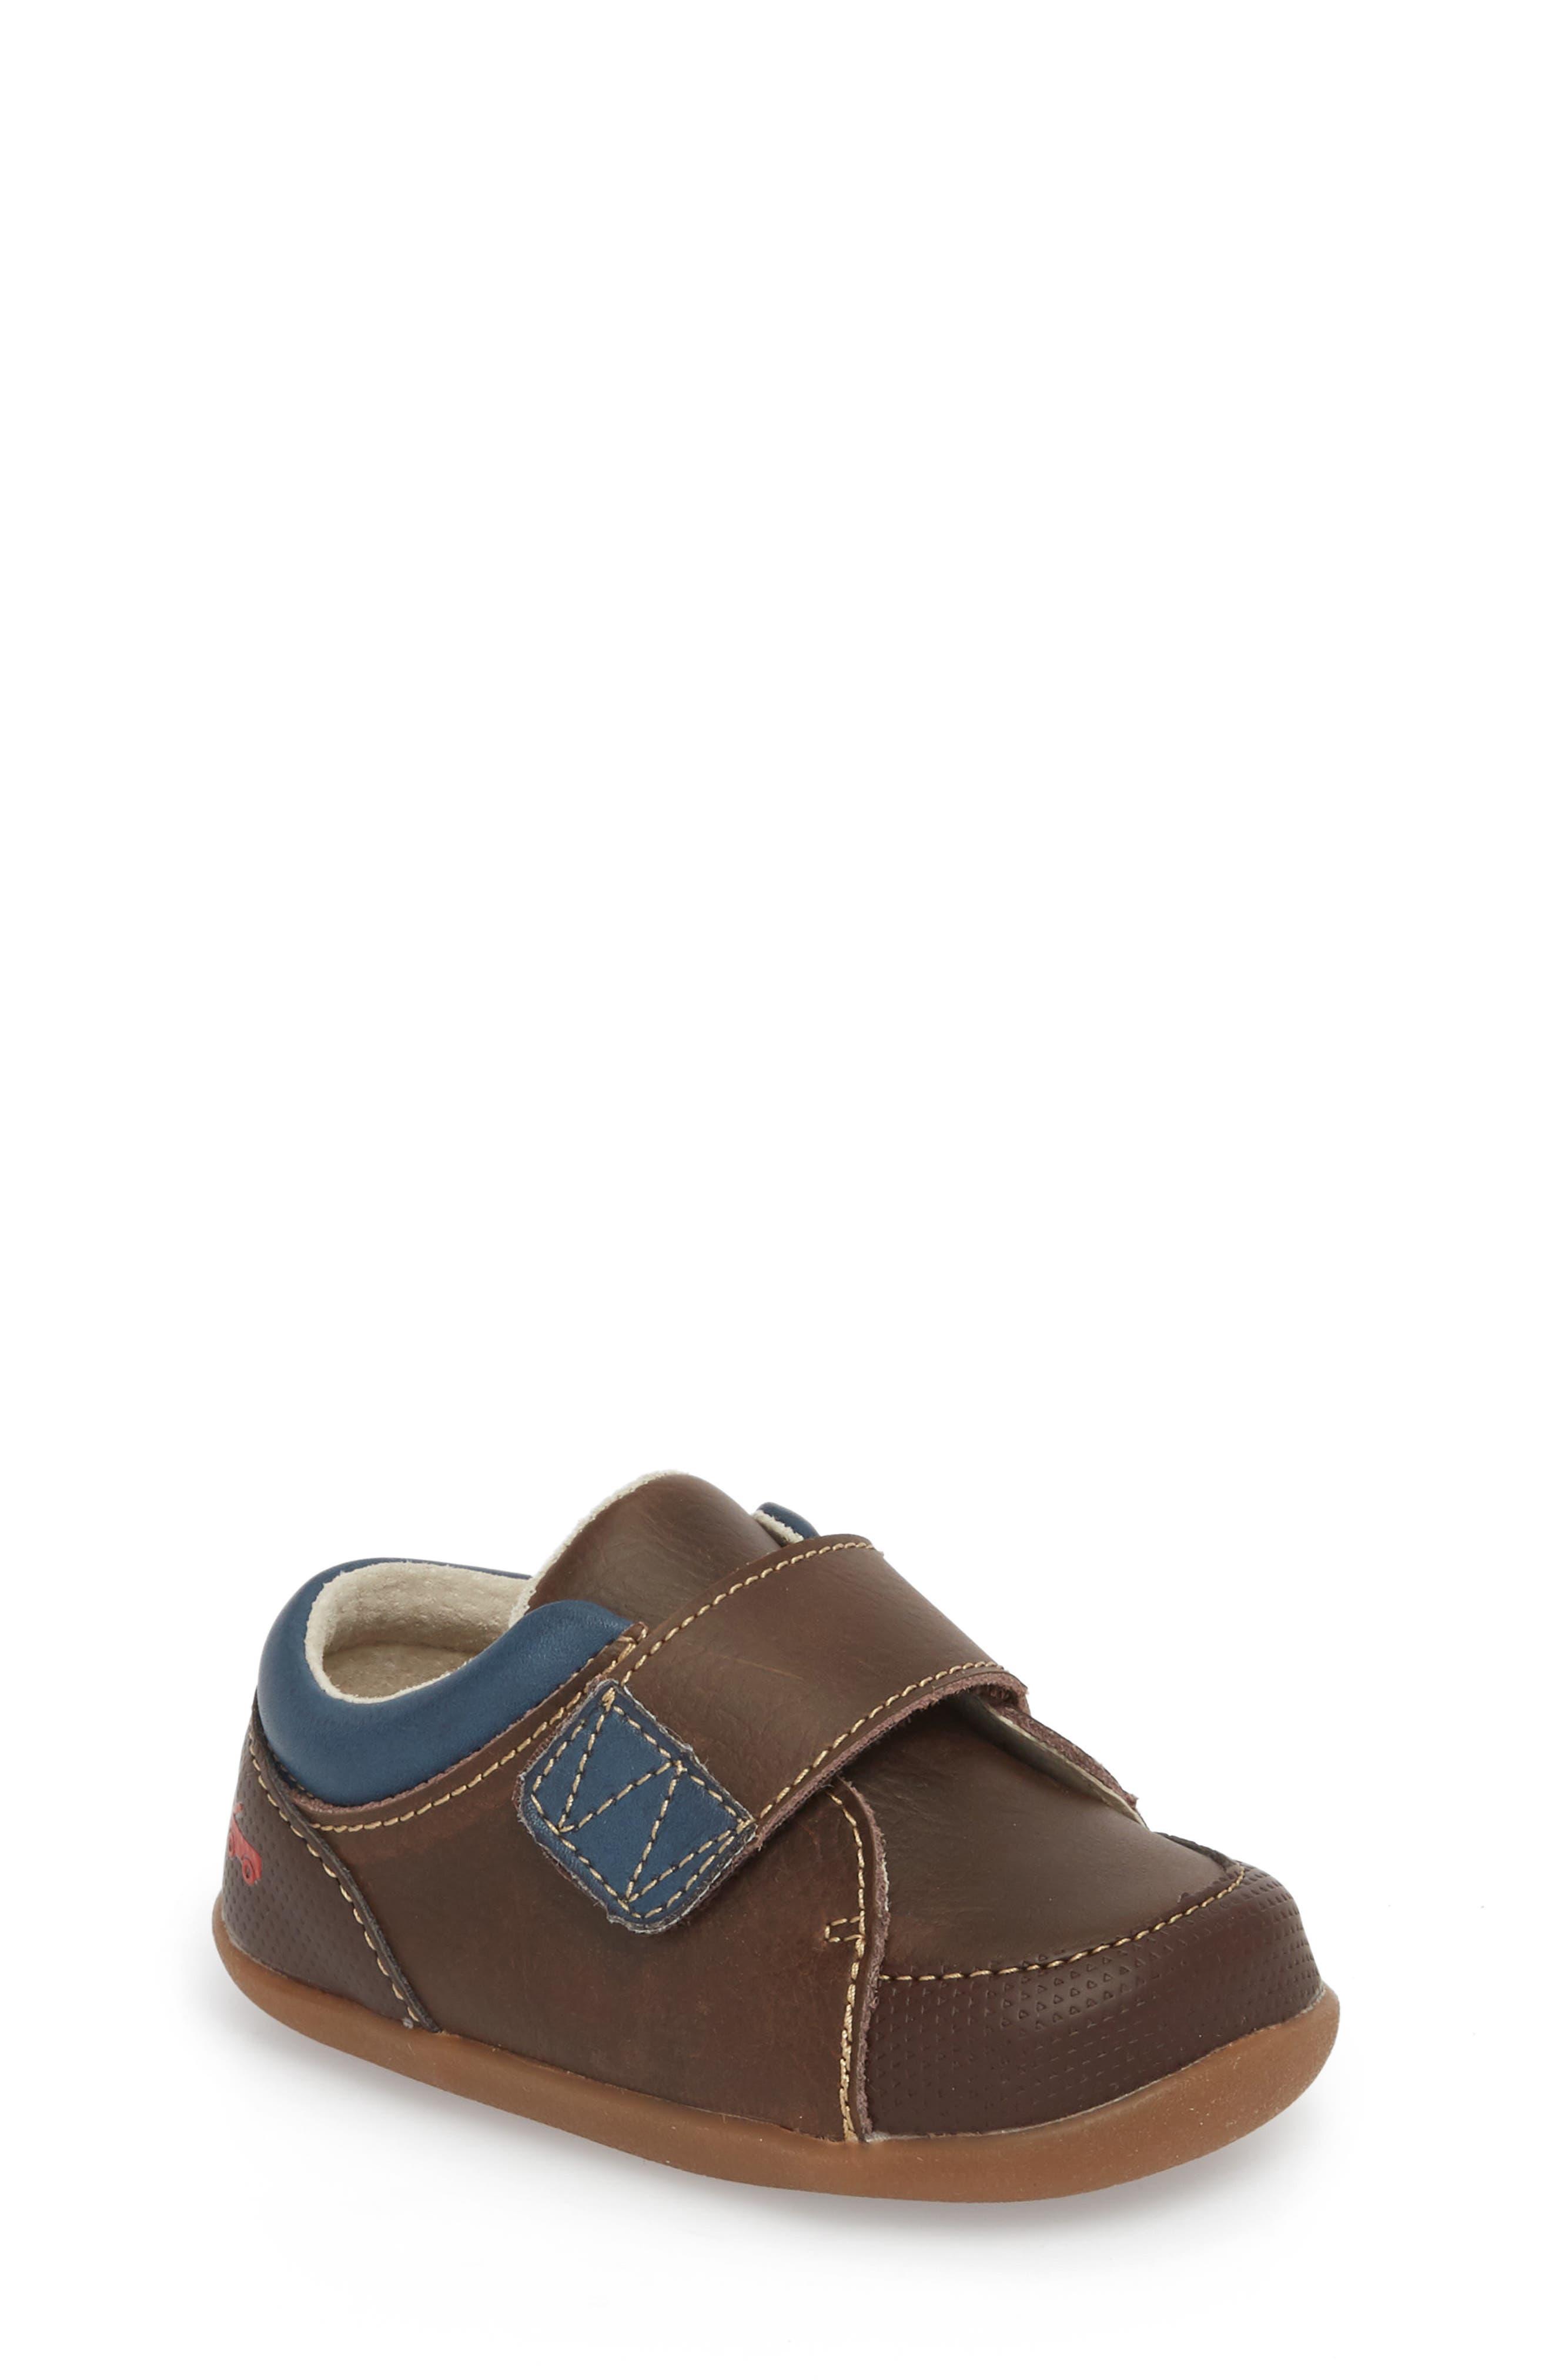 Graham Sneaker,                         Main,                         color, BROWN